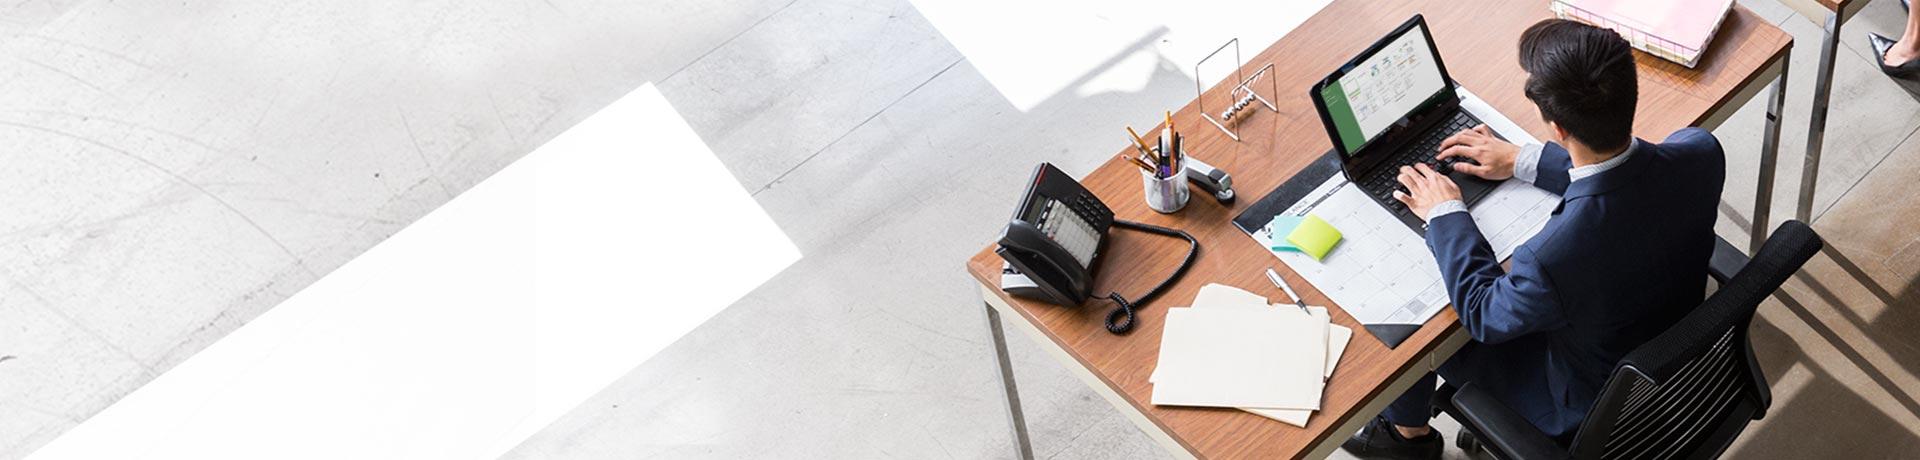 Čovek sedi za radnim stolom u kancelariji i radi na Microsoft Project datoteci na laptop računaru.